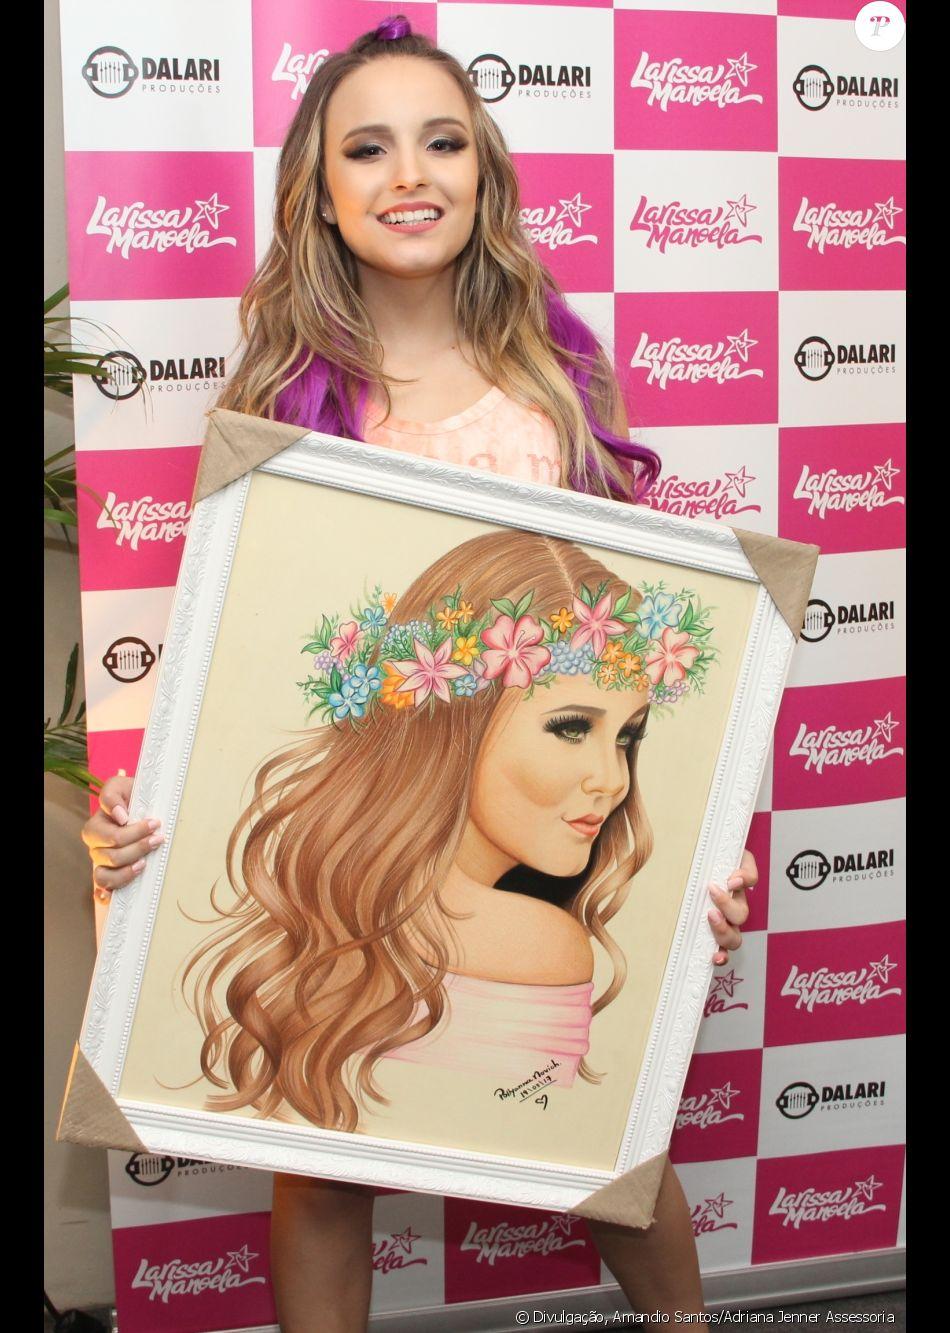 Larissa Manoela ganhou um quadro com sua imagem pintada à não por uma fã capixaba após show em Vitória, Espírito Santo, neste domingo, 19 de março de 2017